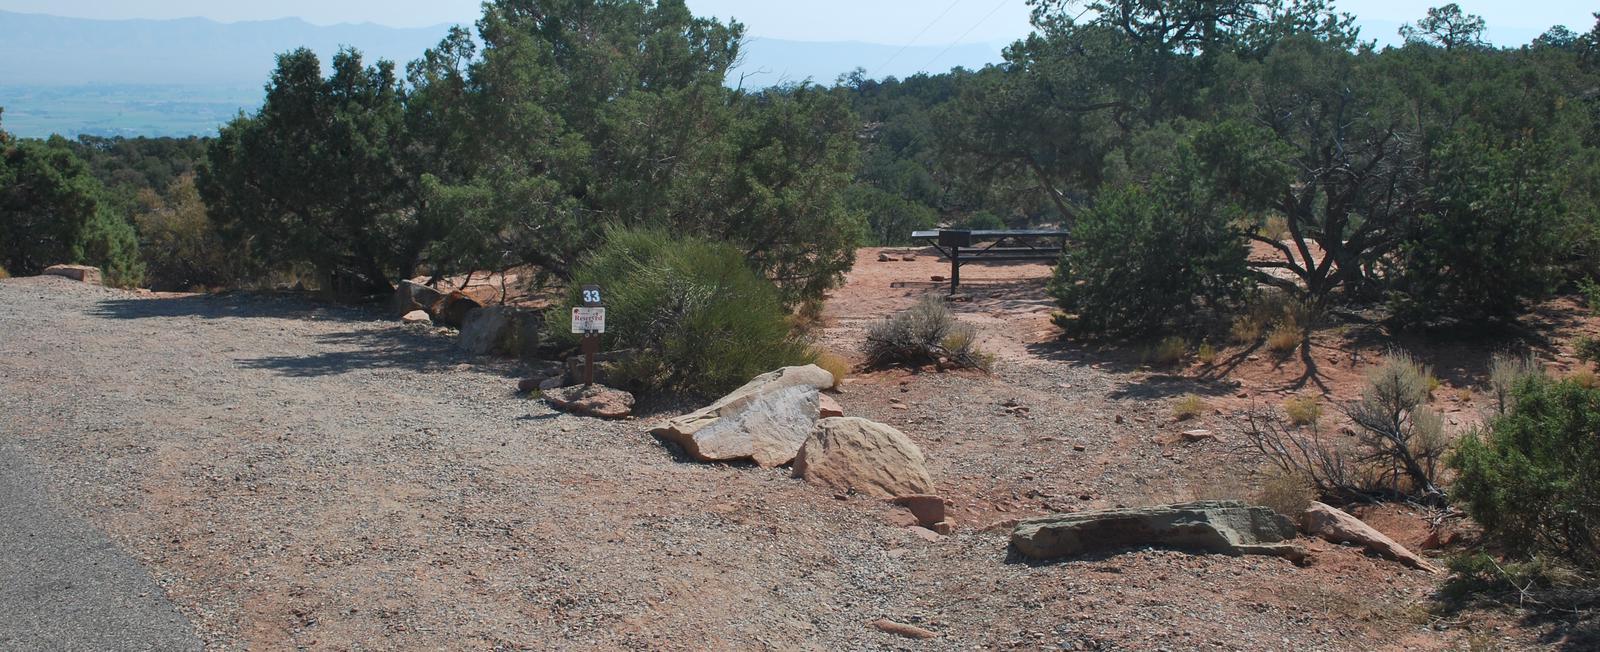 Loop B Site 33